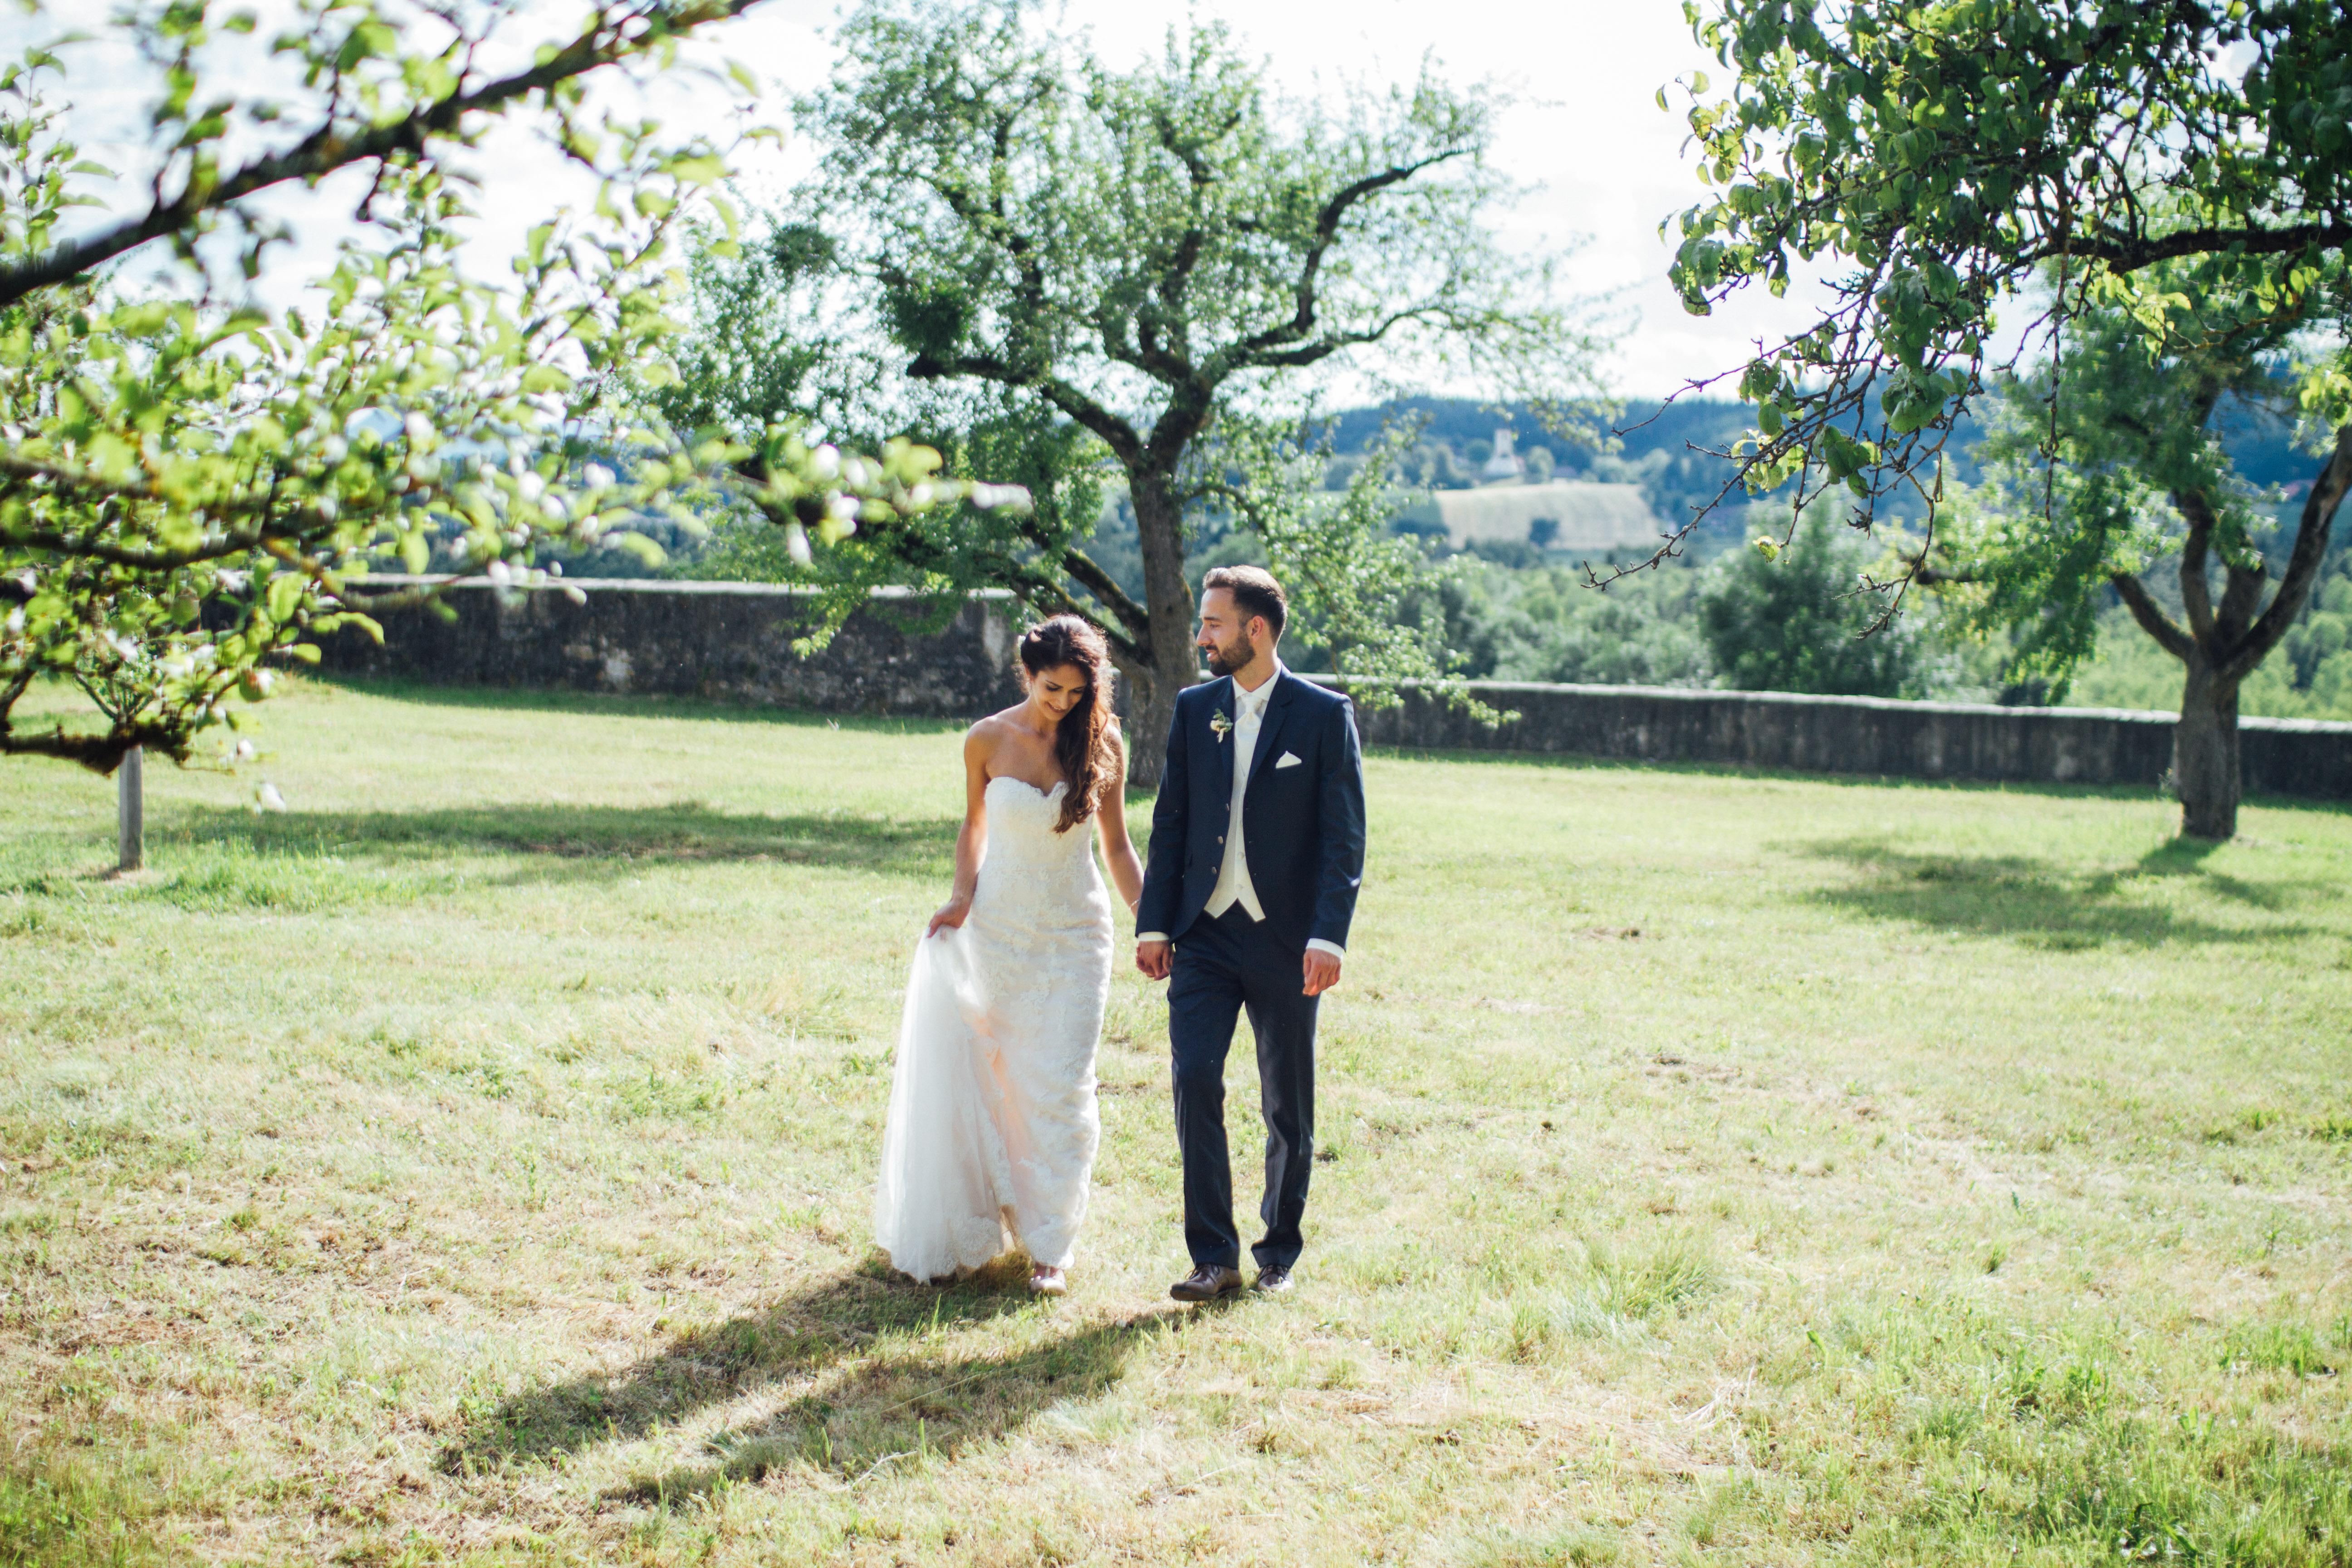 Erster Spaziergang als Brautpaar